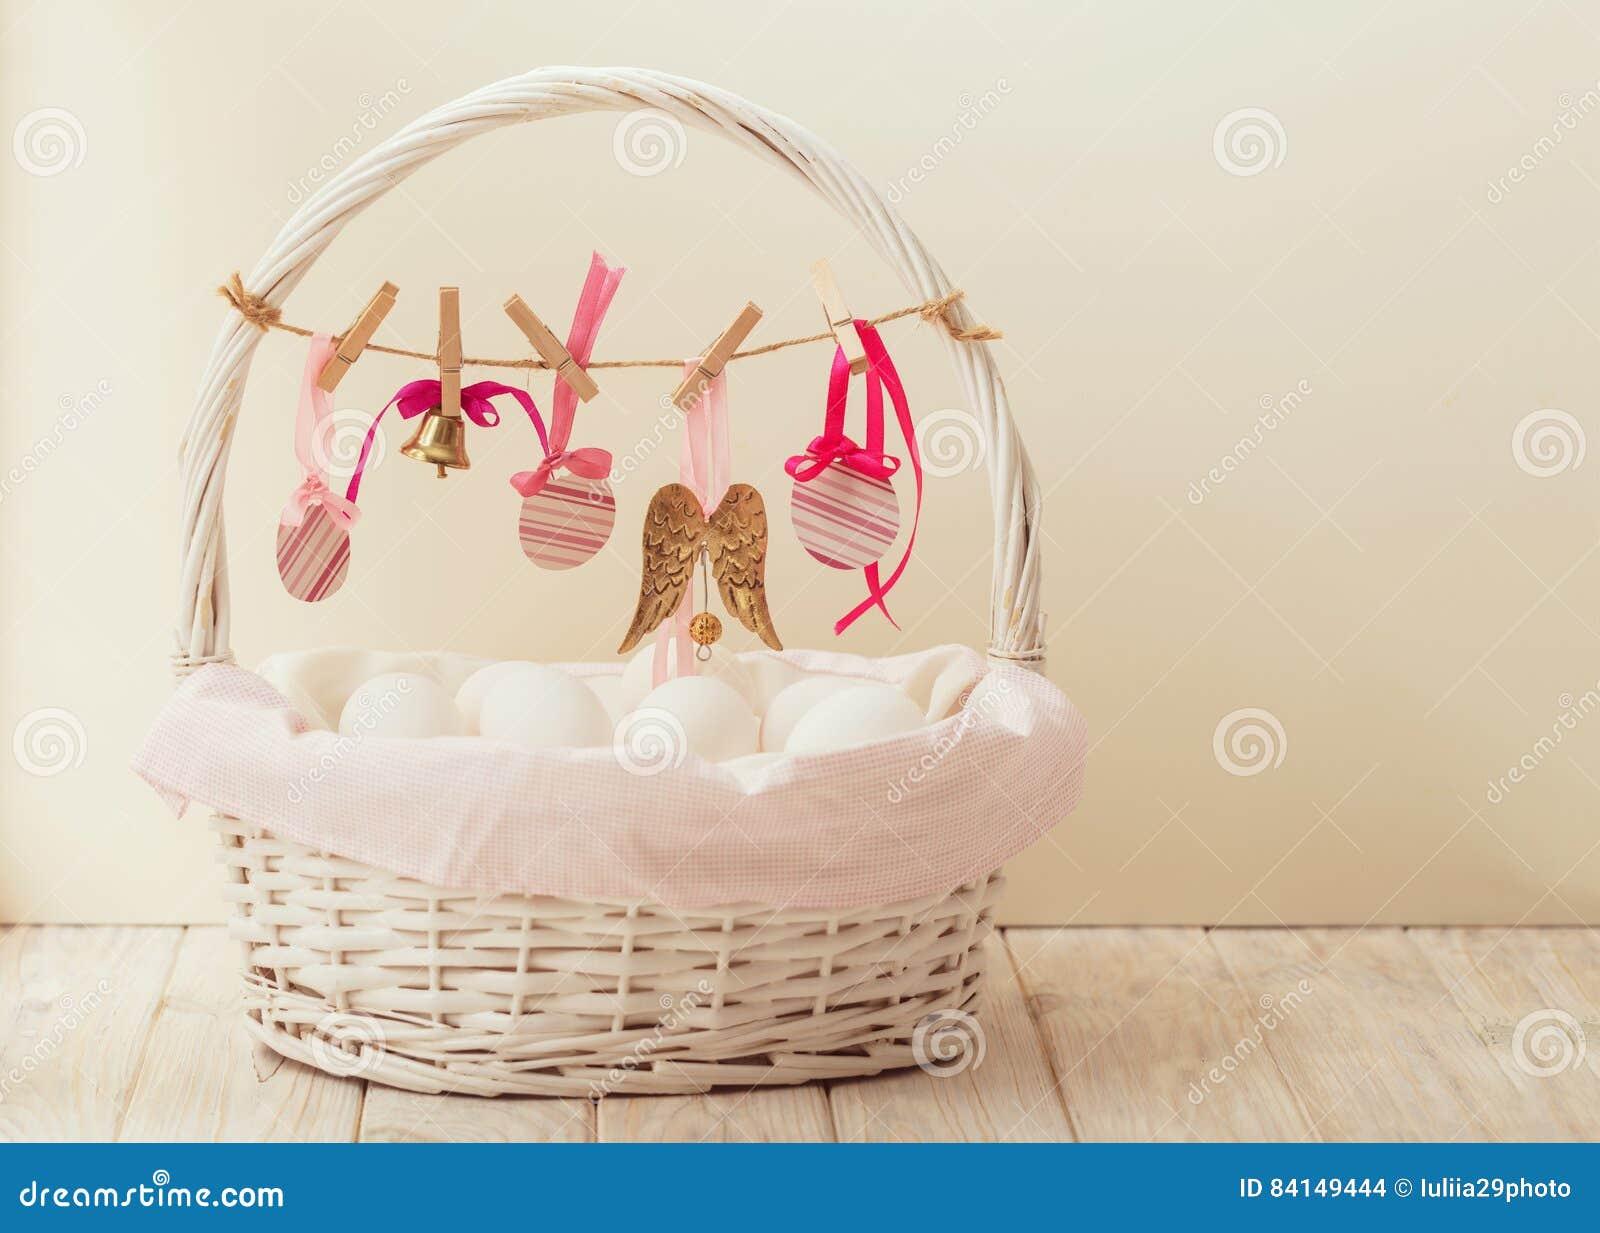 Wielkanocny kosz z jajkami i Wielkanocny wystrój